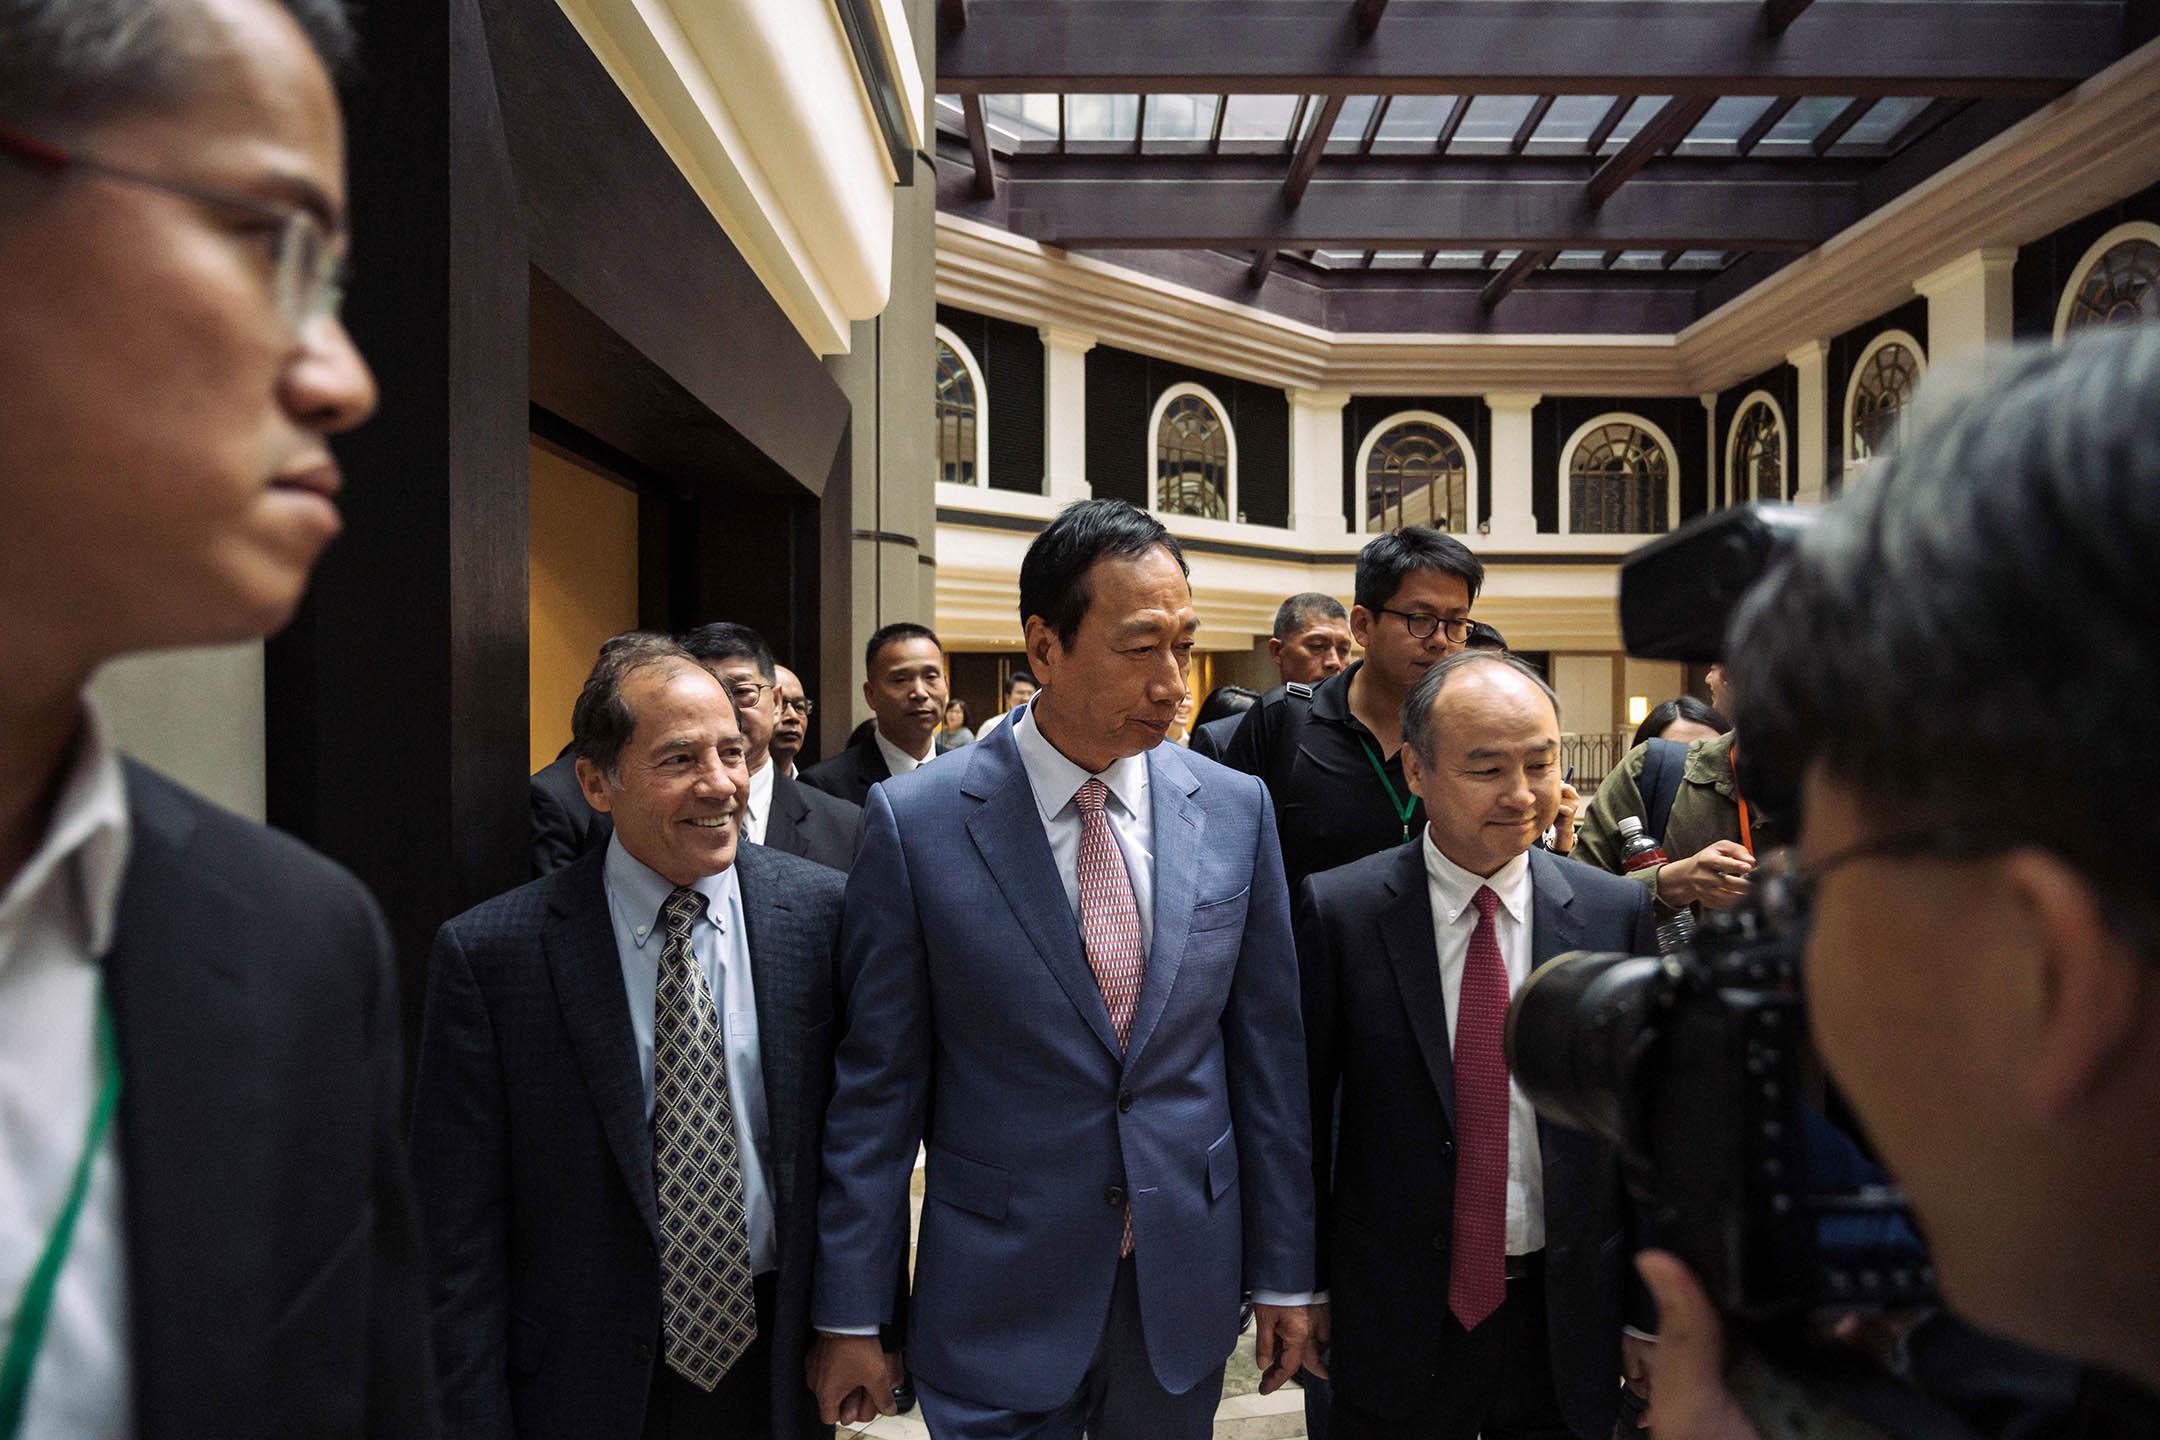 2019年6月22日,富士康科技集團中心前董事長郭台銘在台北舉行的「G2 and Beyond:全球產業秩序的解構與創新」研討會。郭台銘於6月21日辭去鴻海董事長的職務,專注於參加2020年台灣總統選舉國民黨初選。